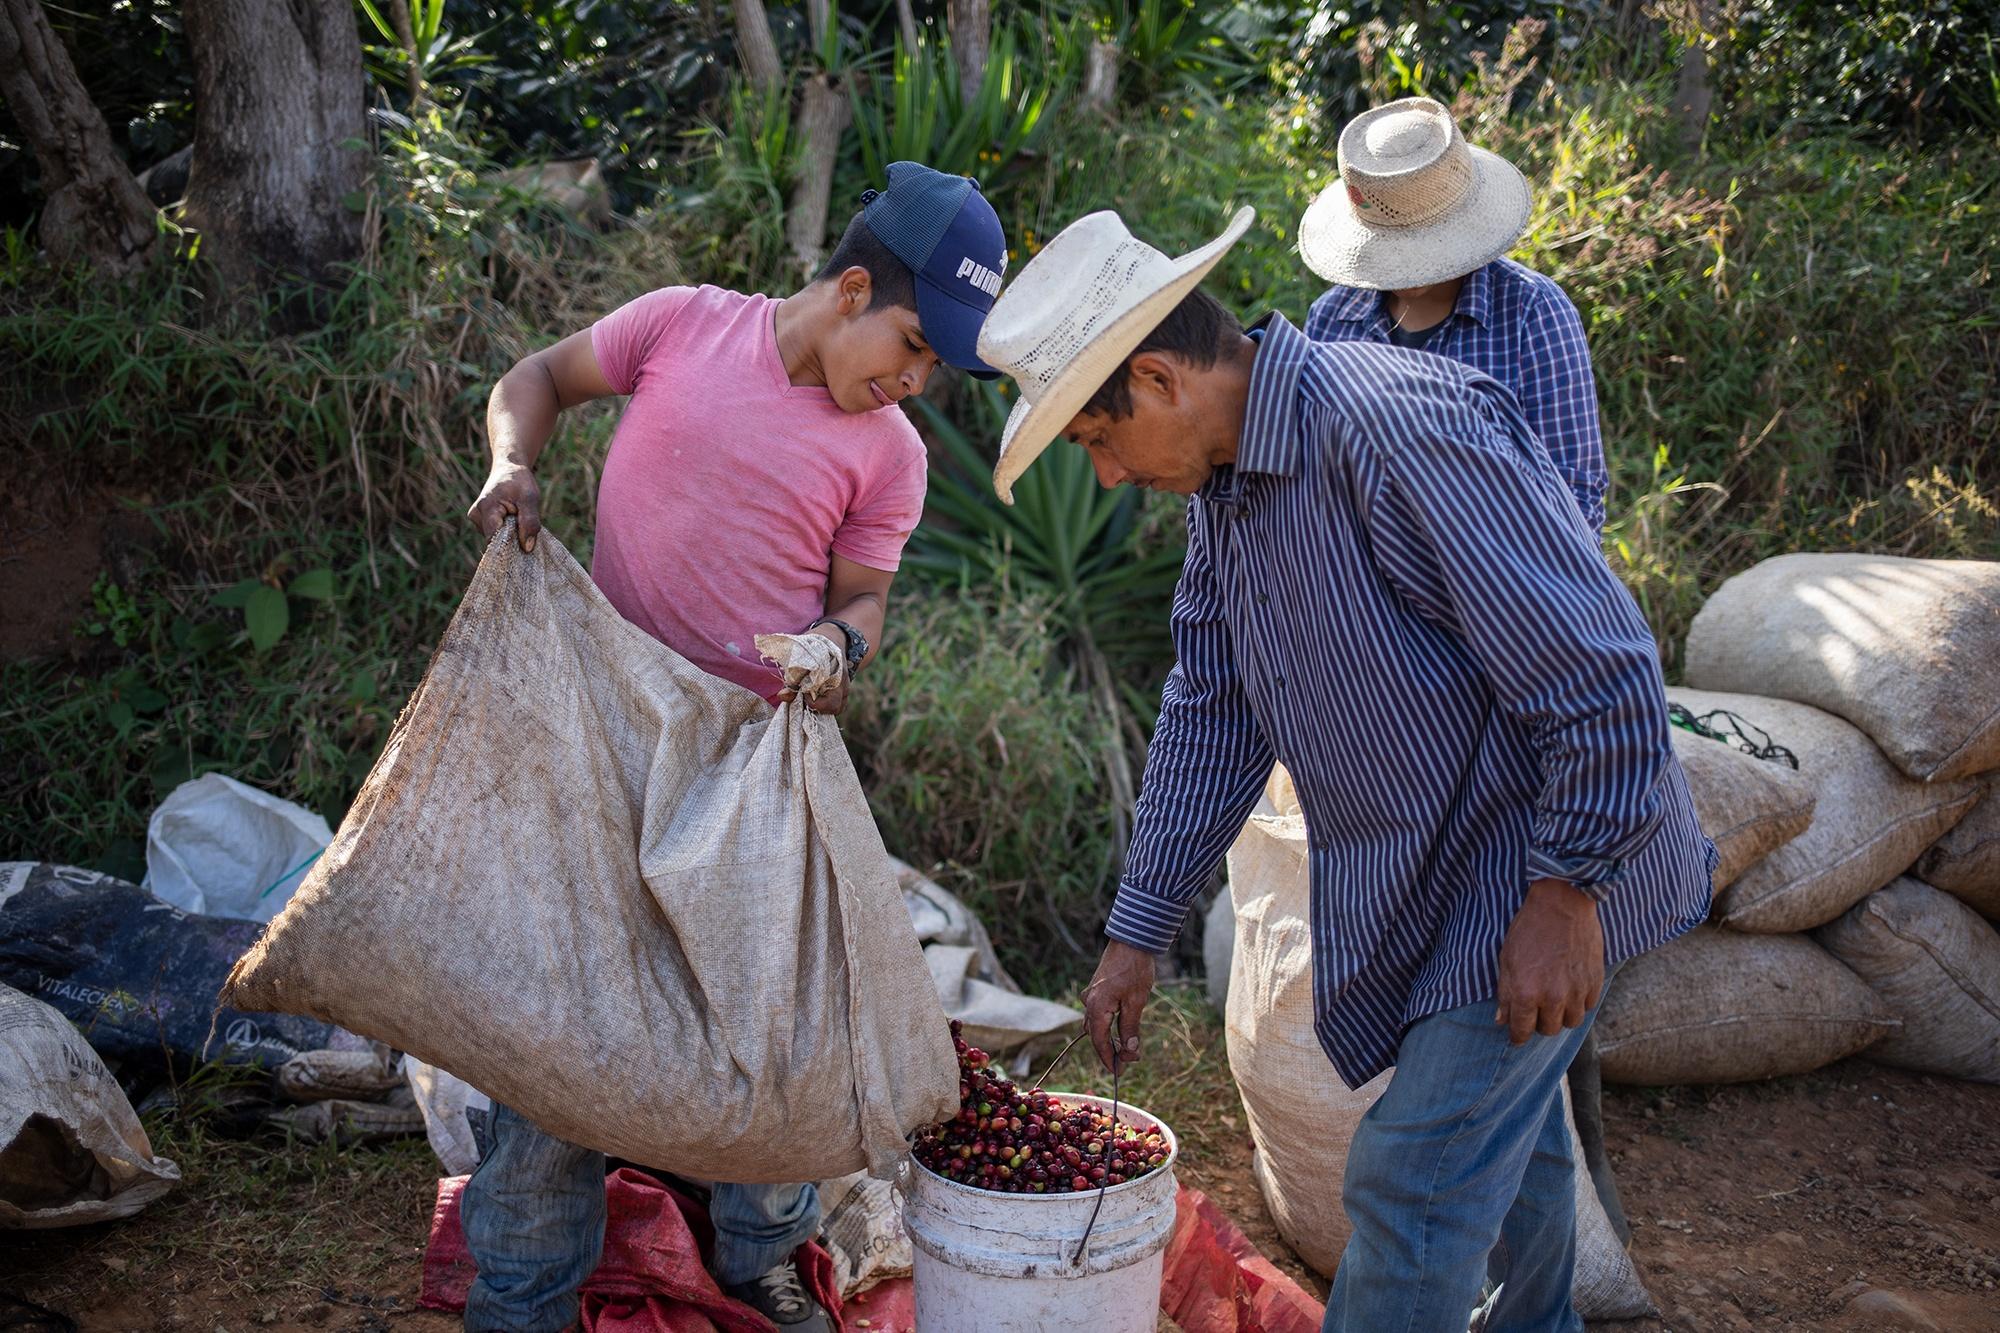 Wilson, de 14 años, mide lo cosechado al final del día. En la plantación de café donde trabaja junto a su familia, la jornada de trabajo comienza a las 7 a. m. y suele terminar a las 3 p. m., ganará 2.40 lempiras por libra de café en uva. Corquín, Copán, 26 de febrero de 2021. Foto: Martín Cálix.